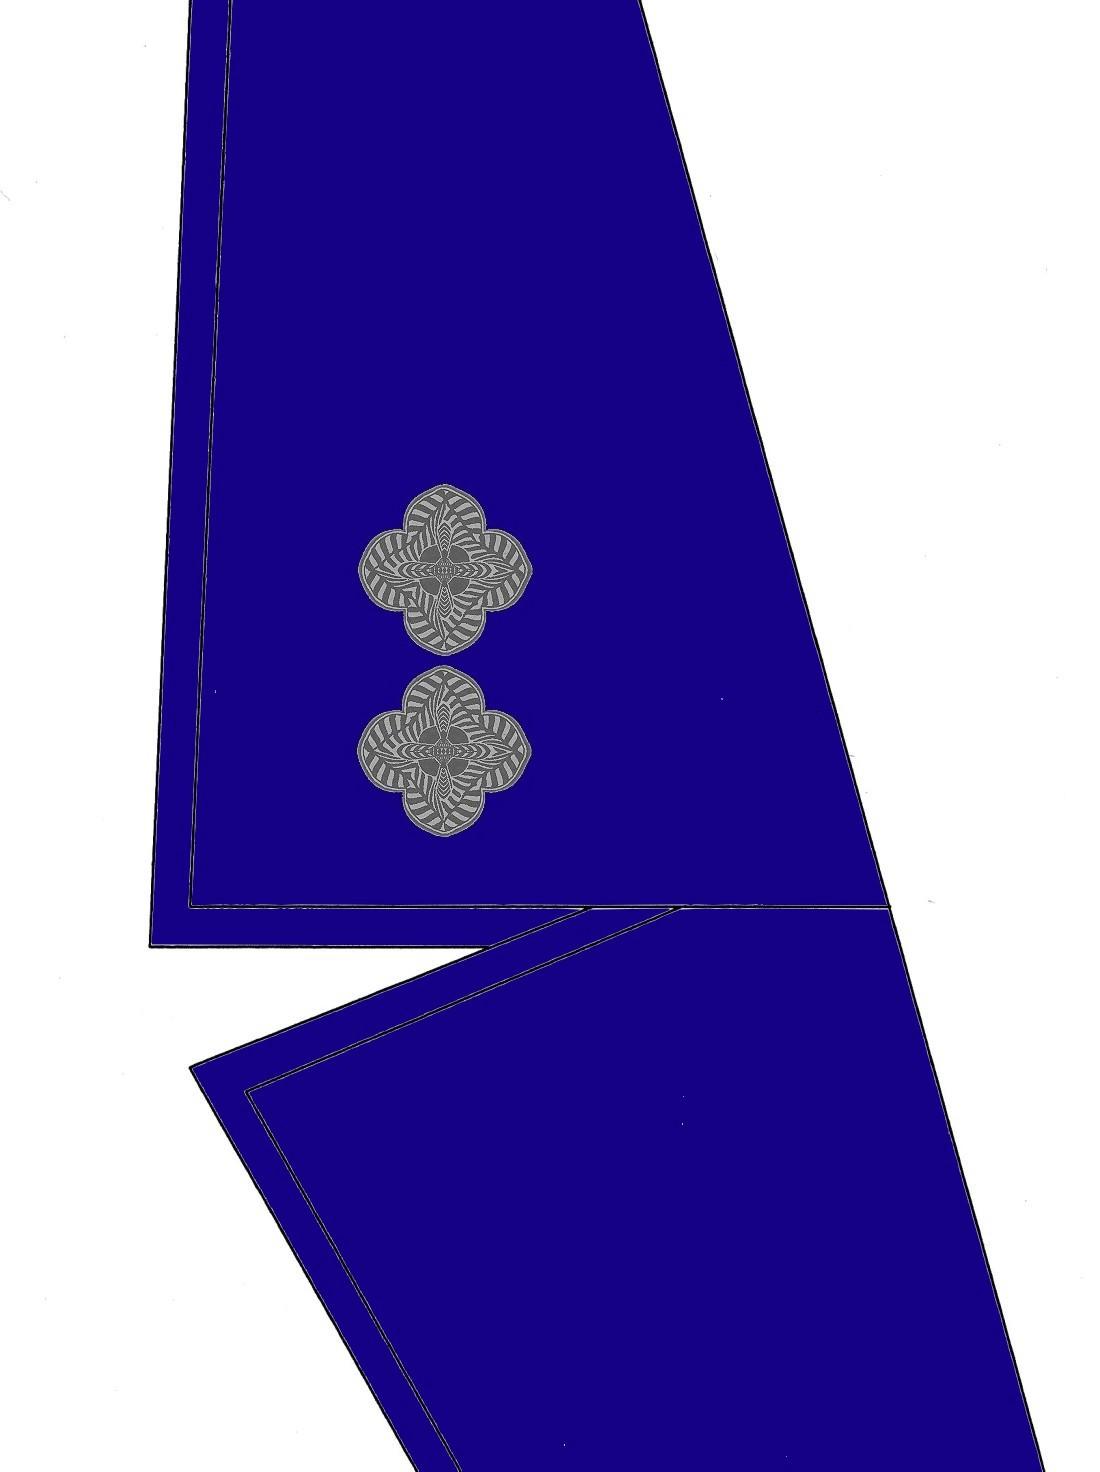 03-kragen-rangabzeichen-korparal-hg-blau